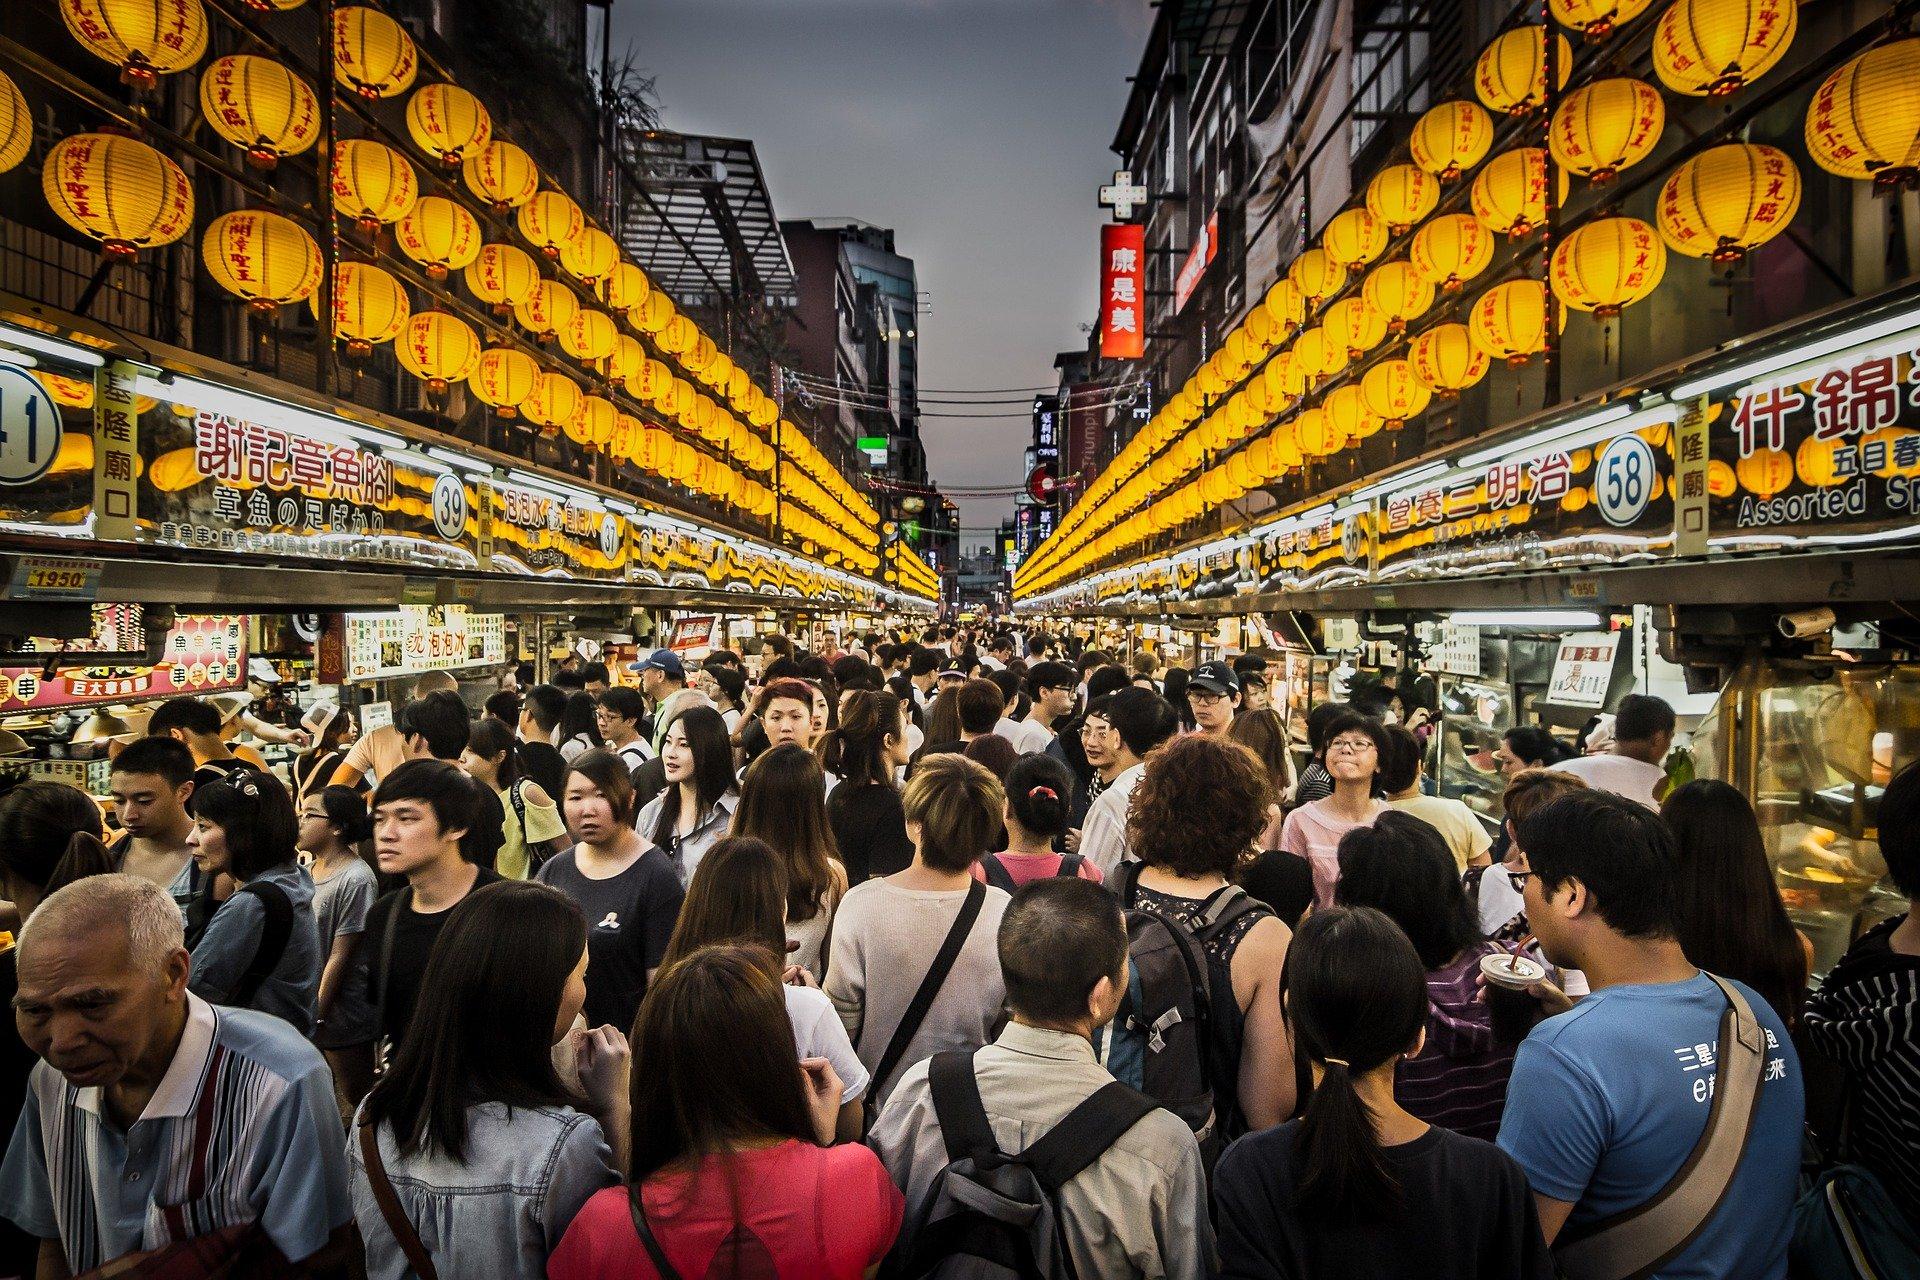 おすすめ関連情報 台湾グルメ情報 台湾グルメ情報 台湾グルメ情報 旅TIME